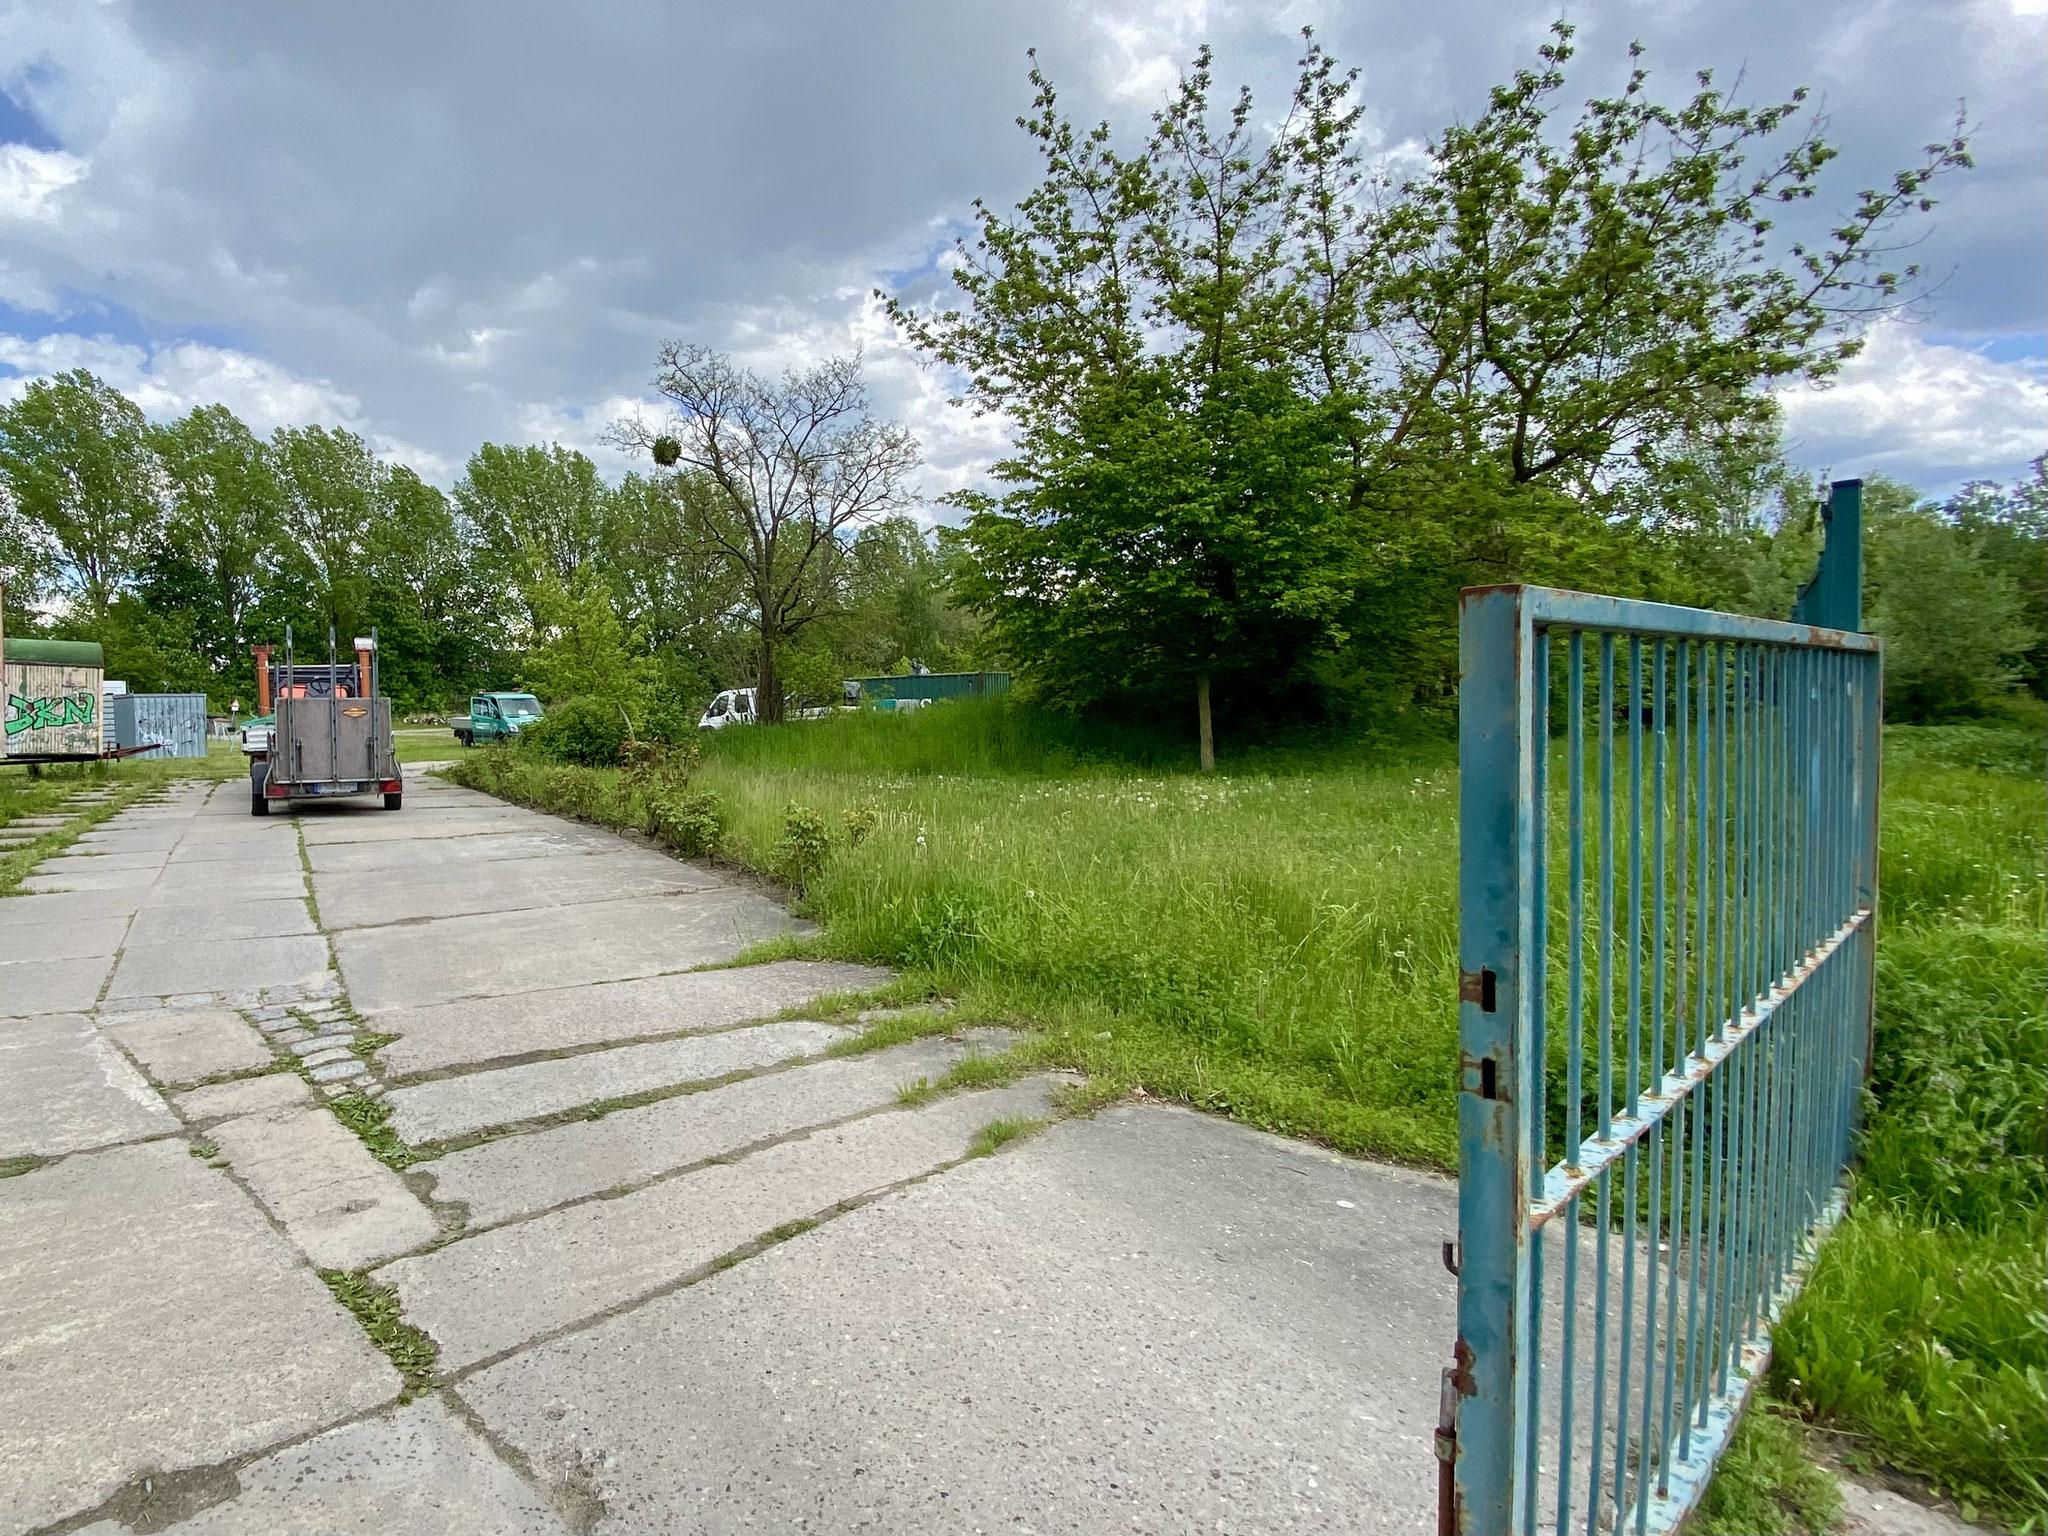 ... startet die neue Grundschule zunächst in mobilen Unterrichtsräumen. Diese sollen auf dem Grundstück in der Louis-Lewin-Straße 40 errichtet werden.